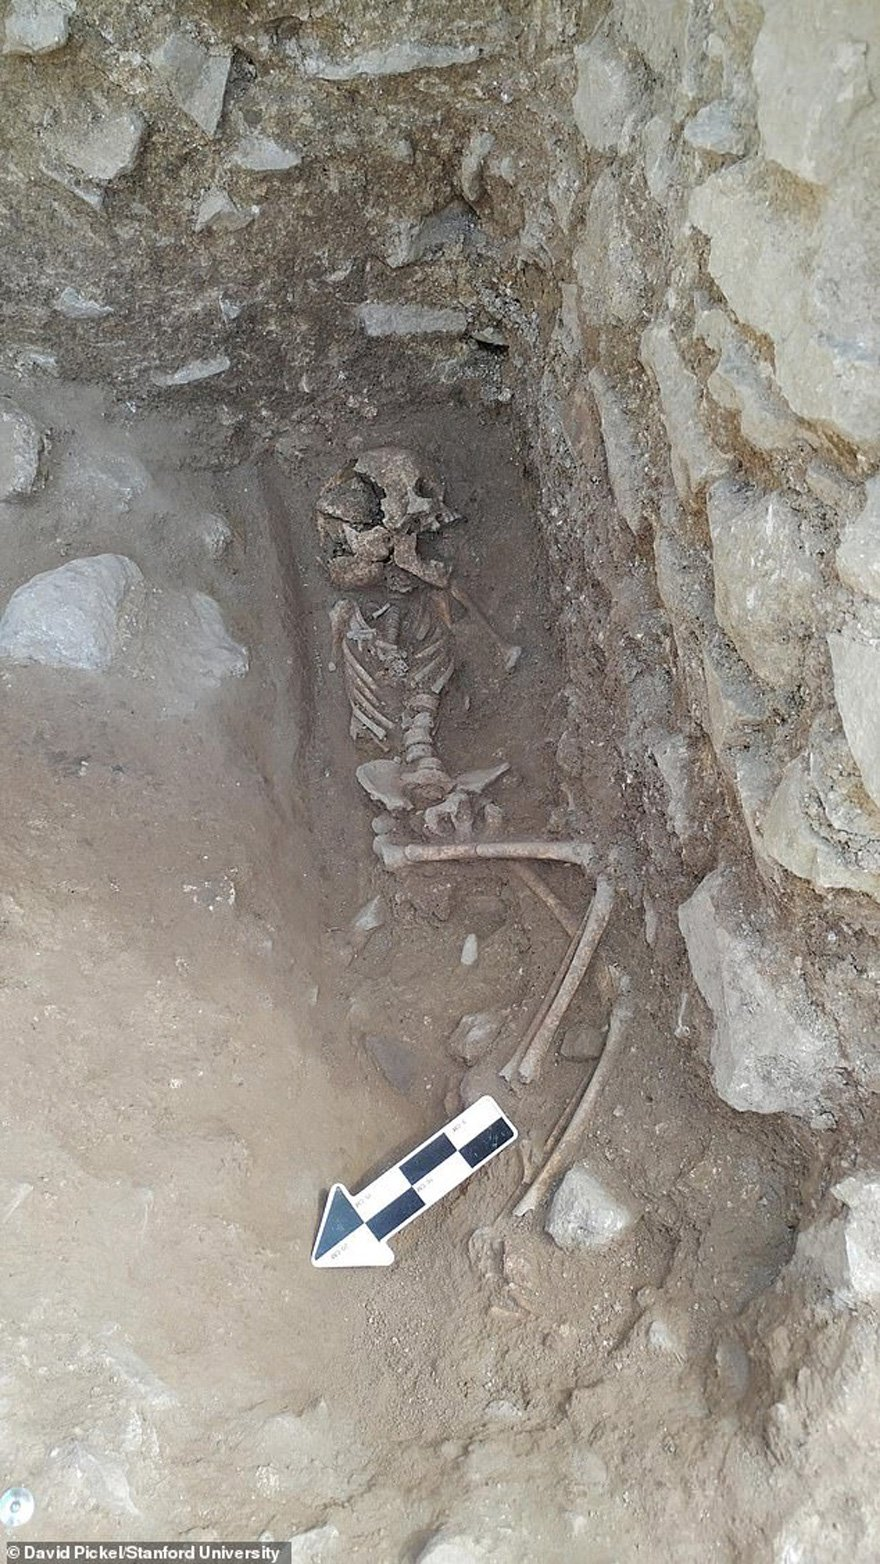 Yetkililer, iskeletin ağzının içinde yumruk büyüklüğünde bir taş buldu.